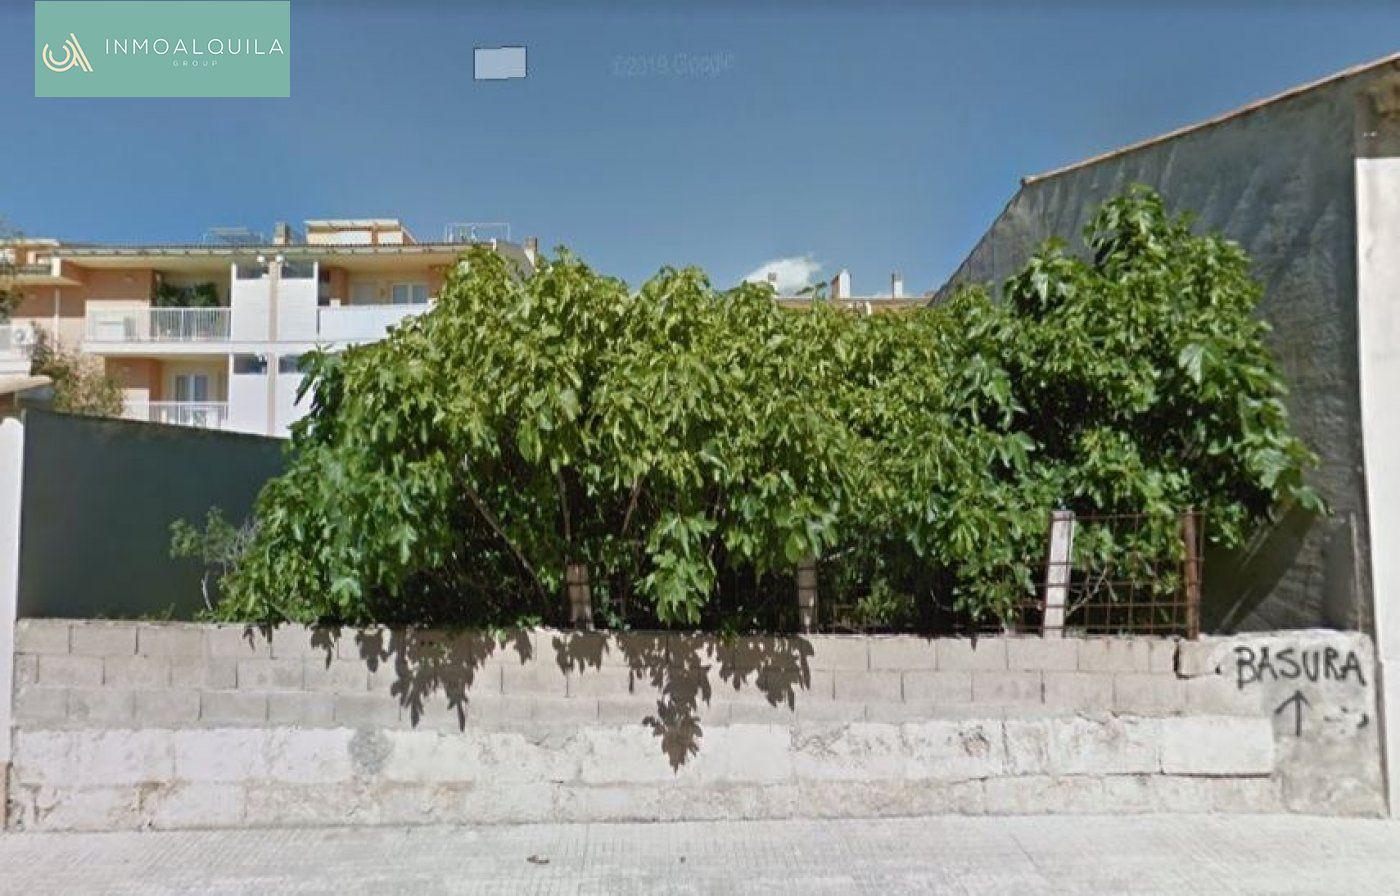 Stadtgrundstück  Muro ,muro. Solar en muro